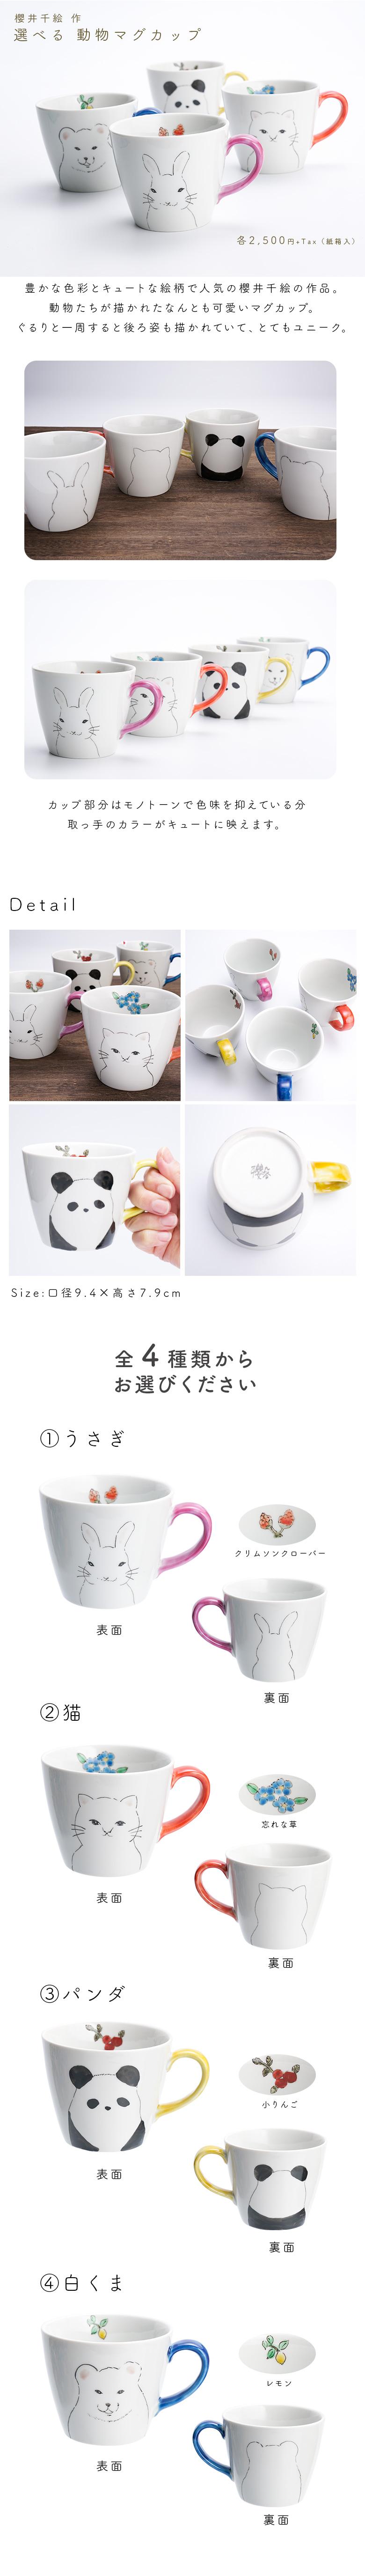 九谷焼 4種類から選べる動物マグカップ/櫻井千絵